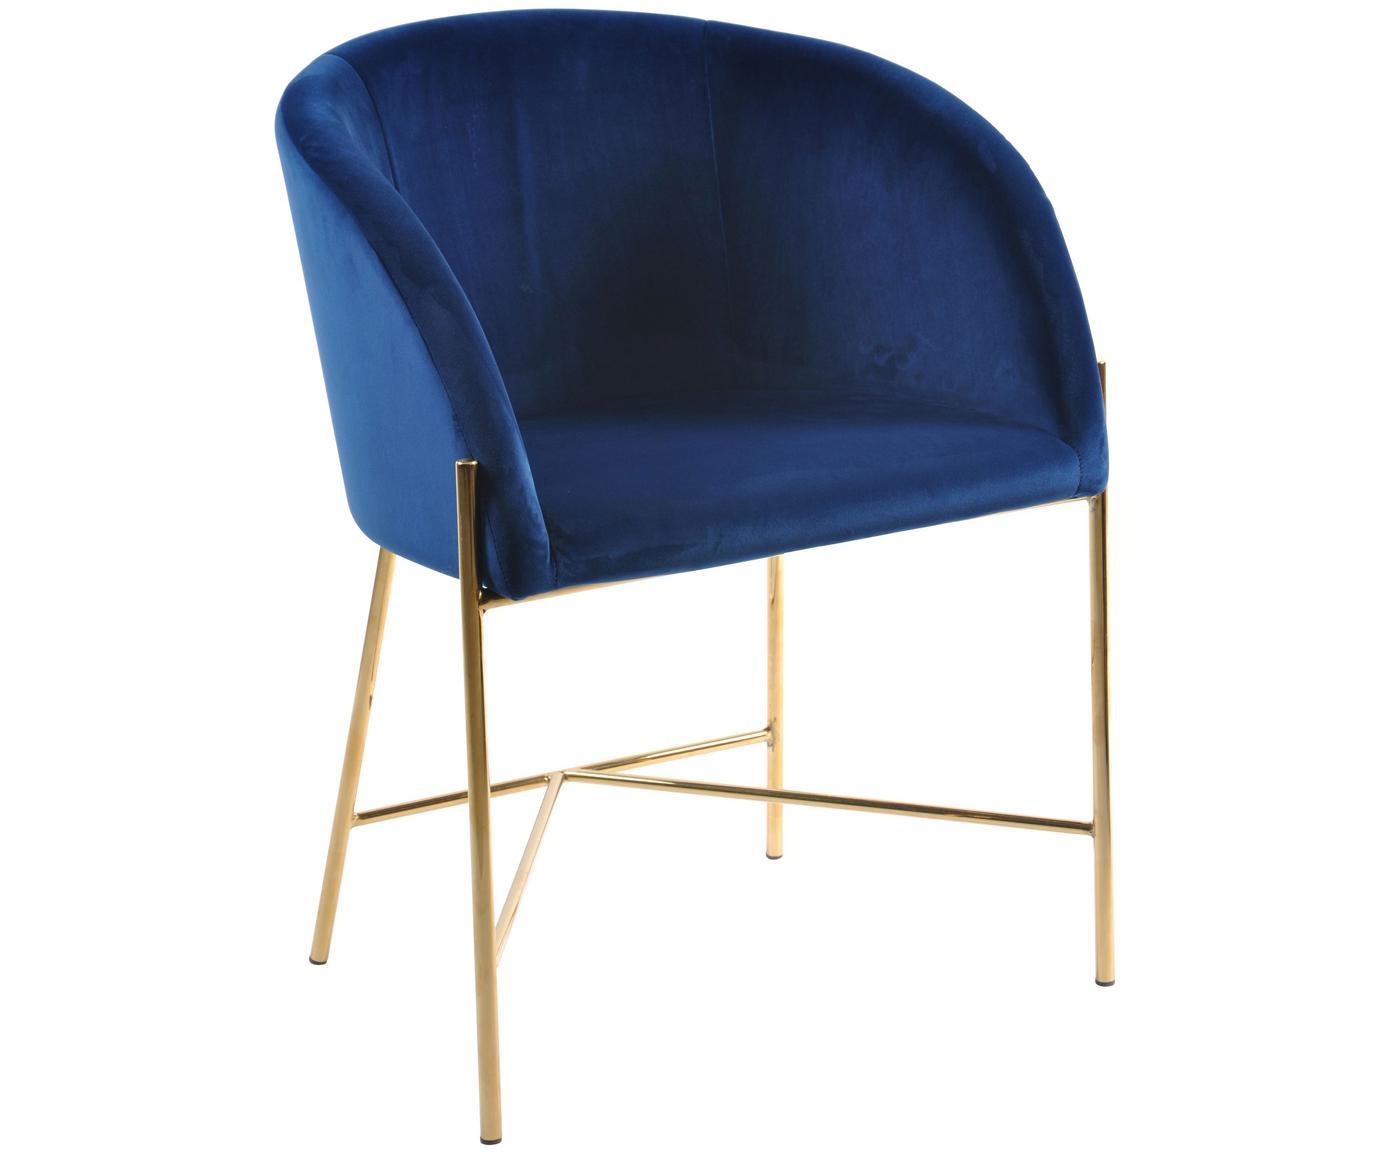 Krzesło z podłokietnikami z aksamitu Nelson, Tapicerka: aksamit poliestrowy 2500, Nogi: metal mosiądzowany, Ciemnyniebieski, odcienie mosiądzu, S 56 x G 55 cm